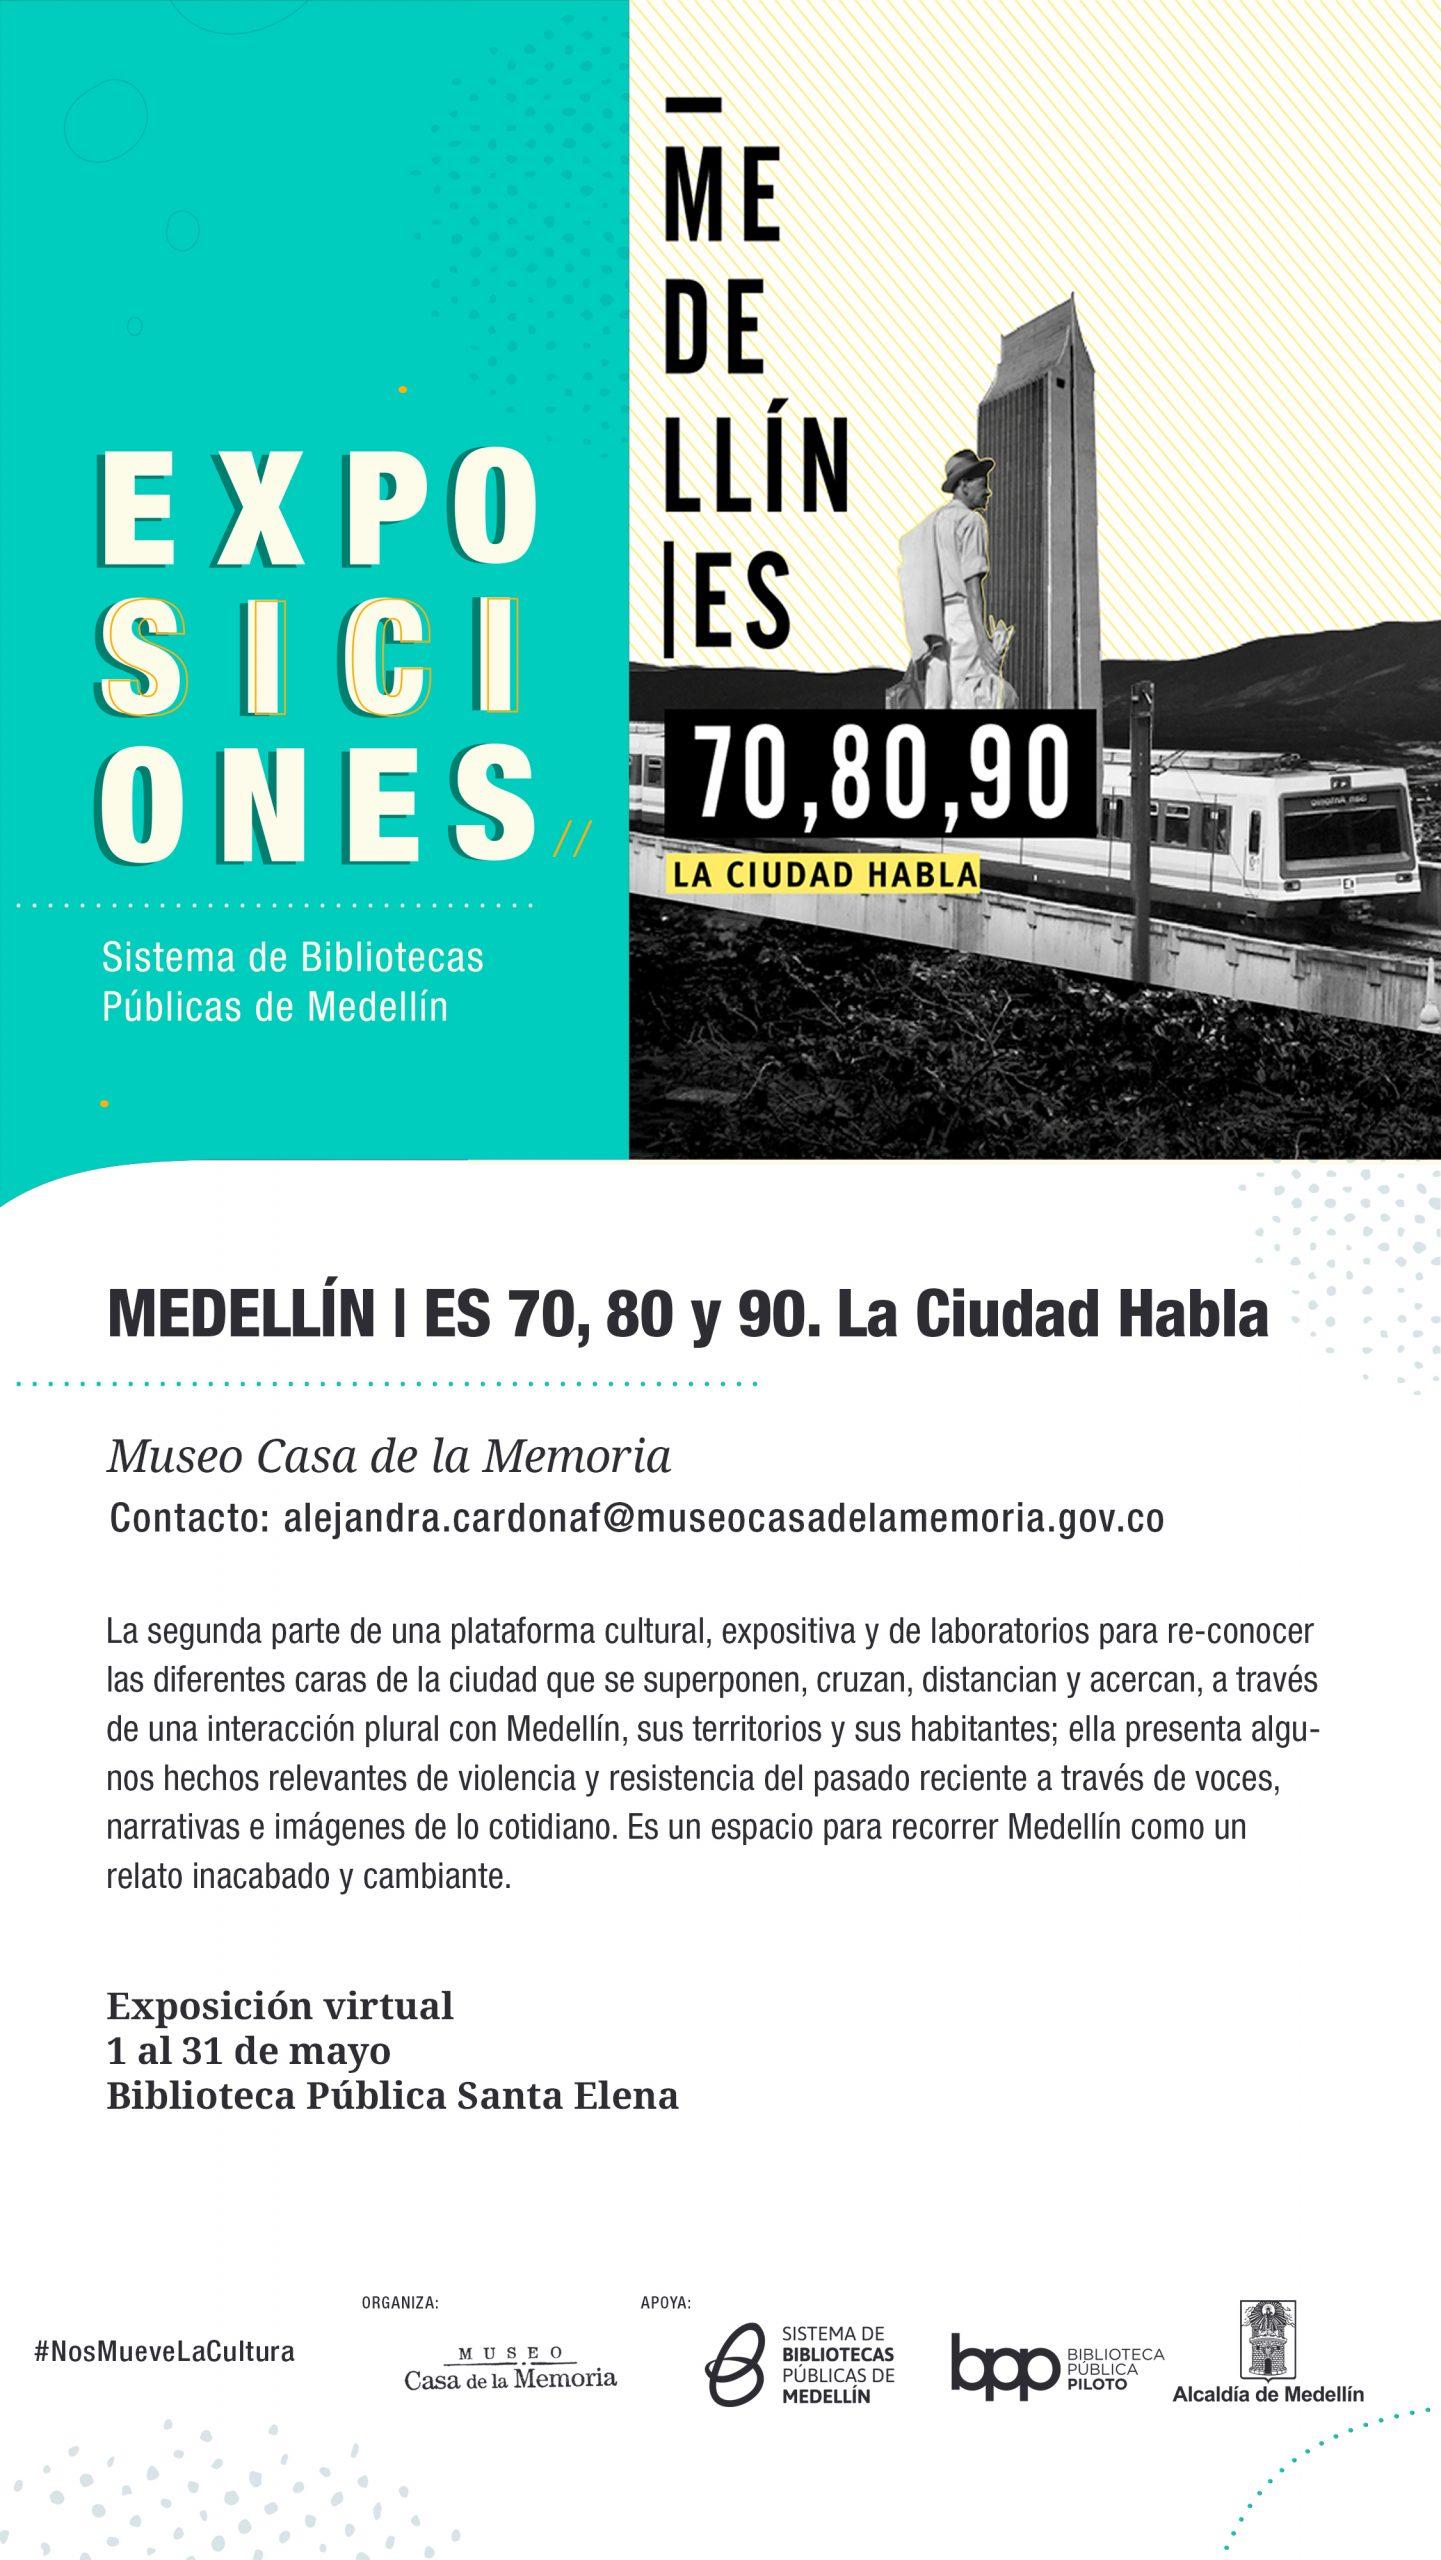 Imagen que contiene información sobre la exposición Medellín es 70,80,90